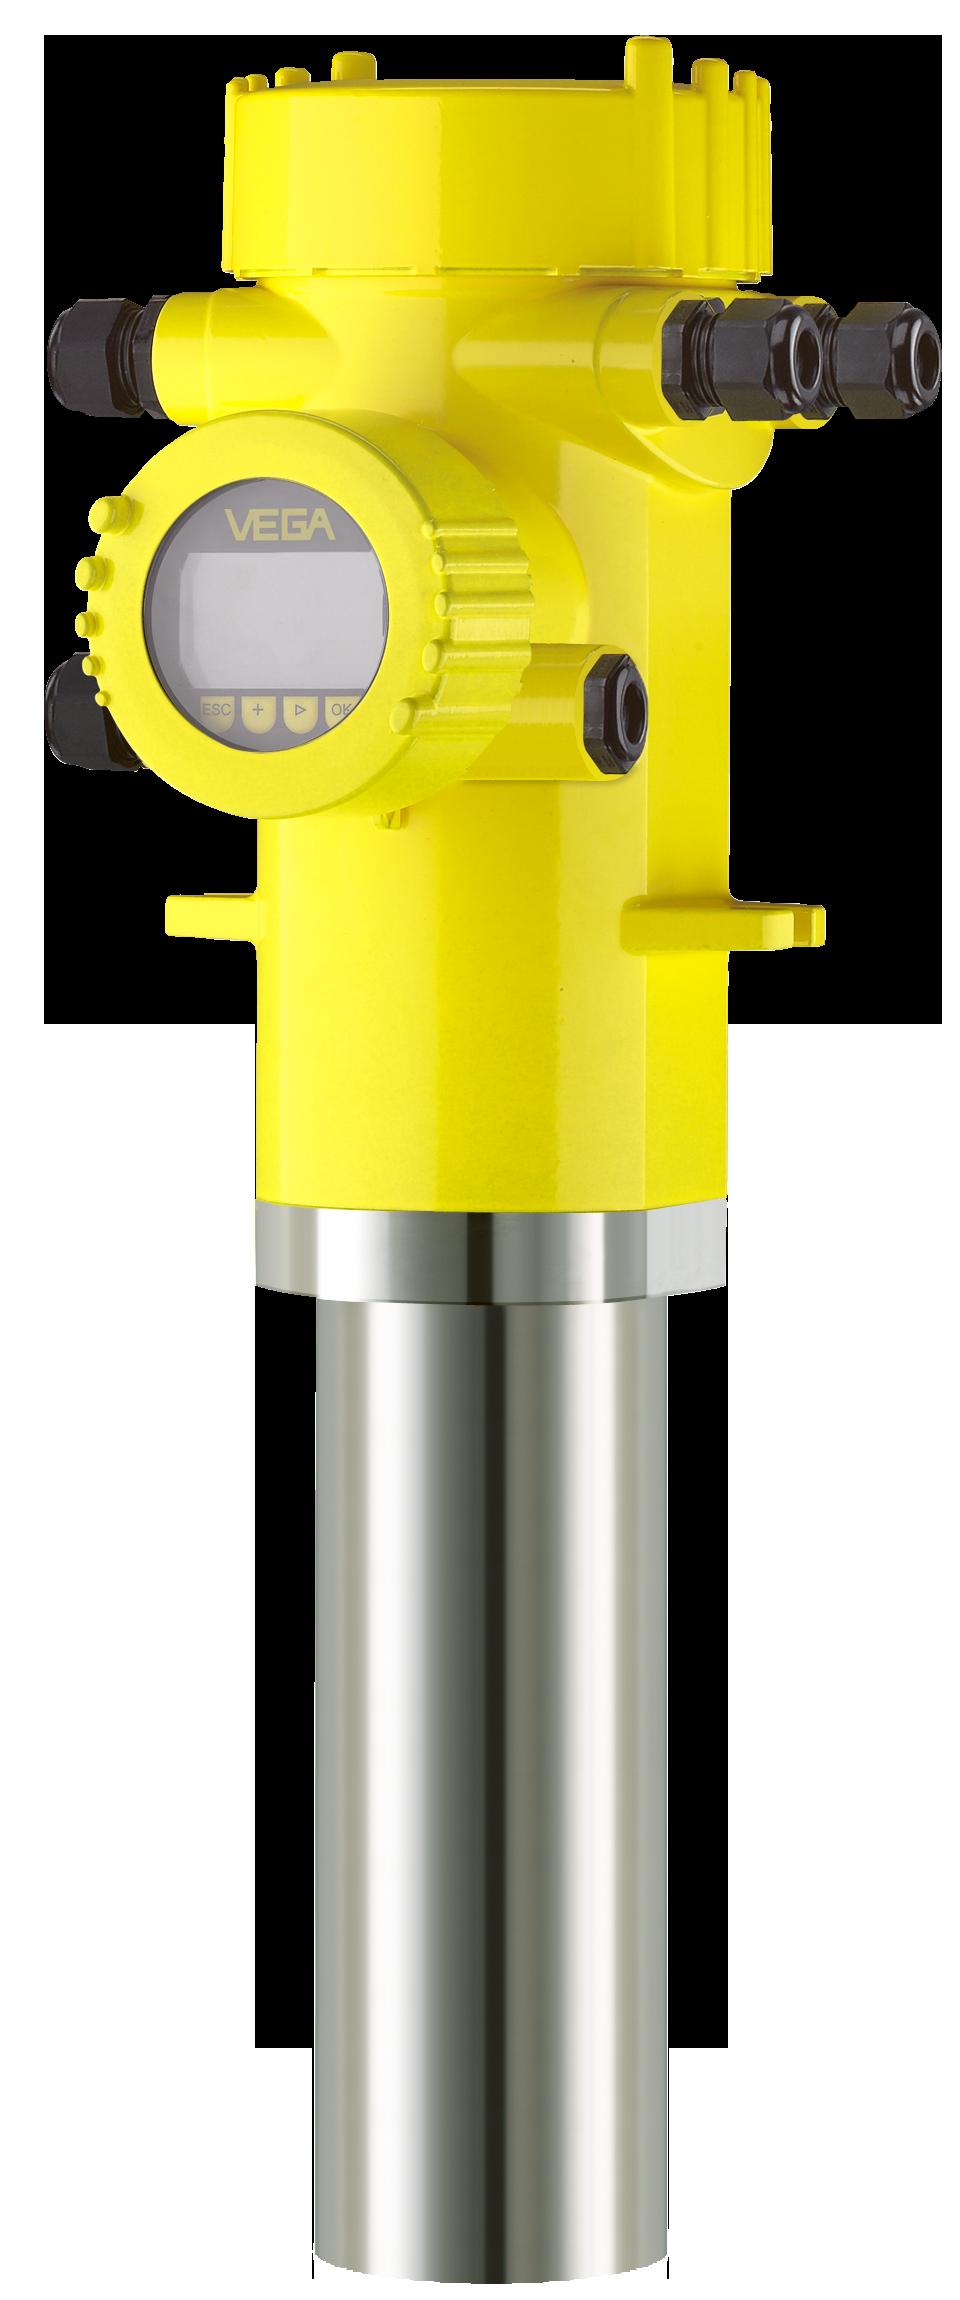 Radiometrischer Sensor zur Grenzstanderfassung POINTRAC31